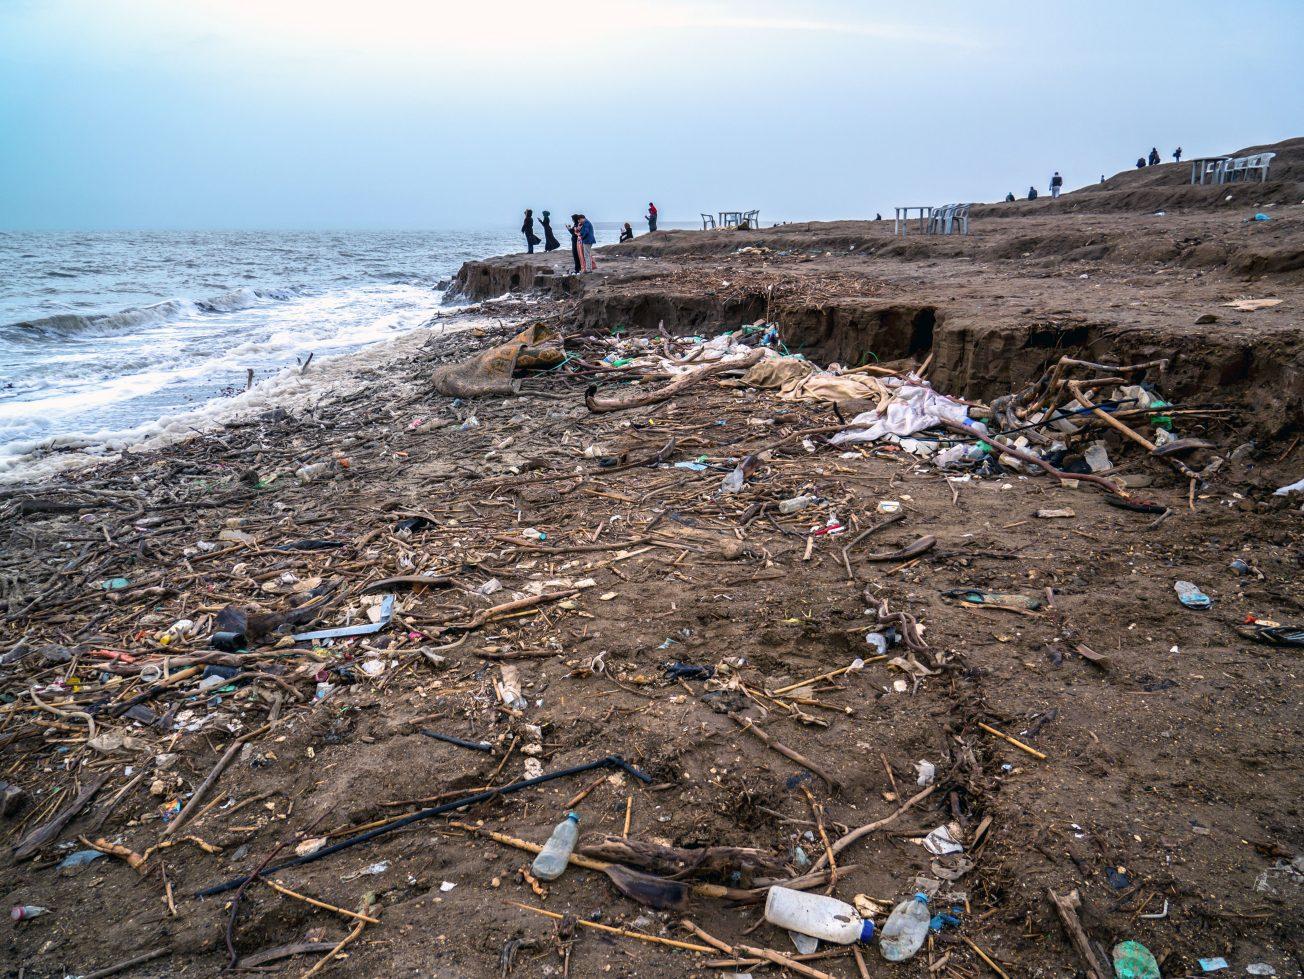 Jordánsko Mŕtve more